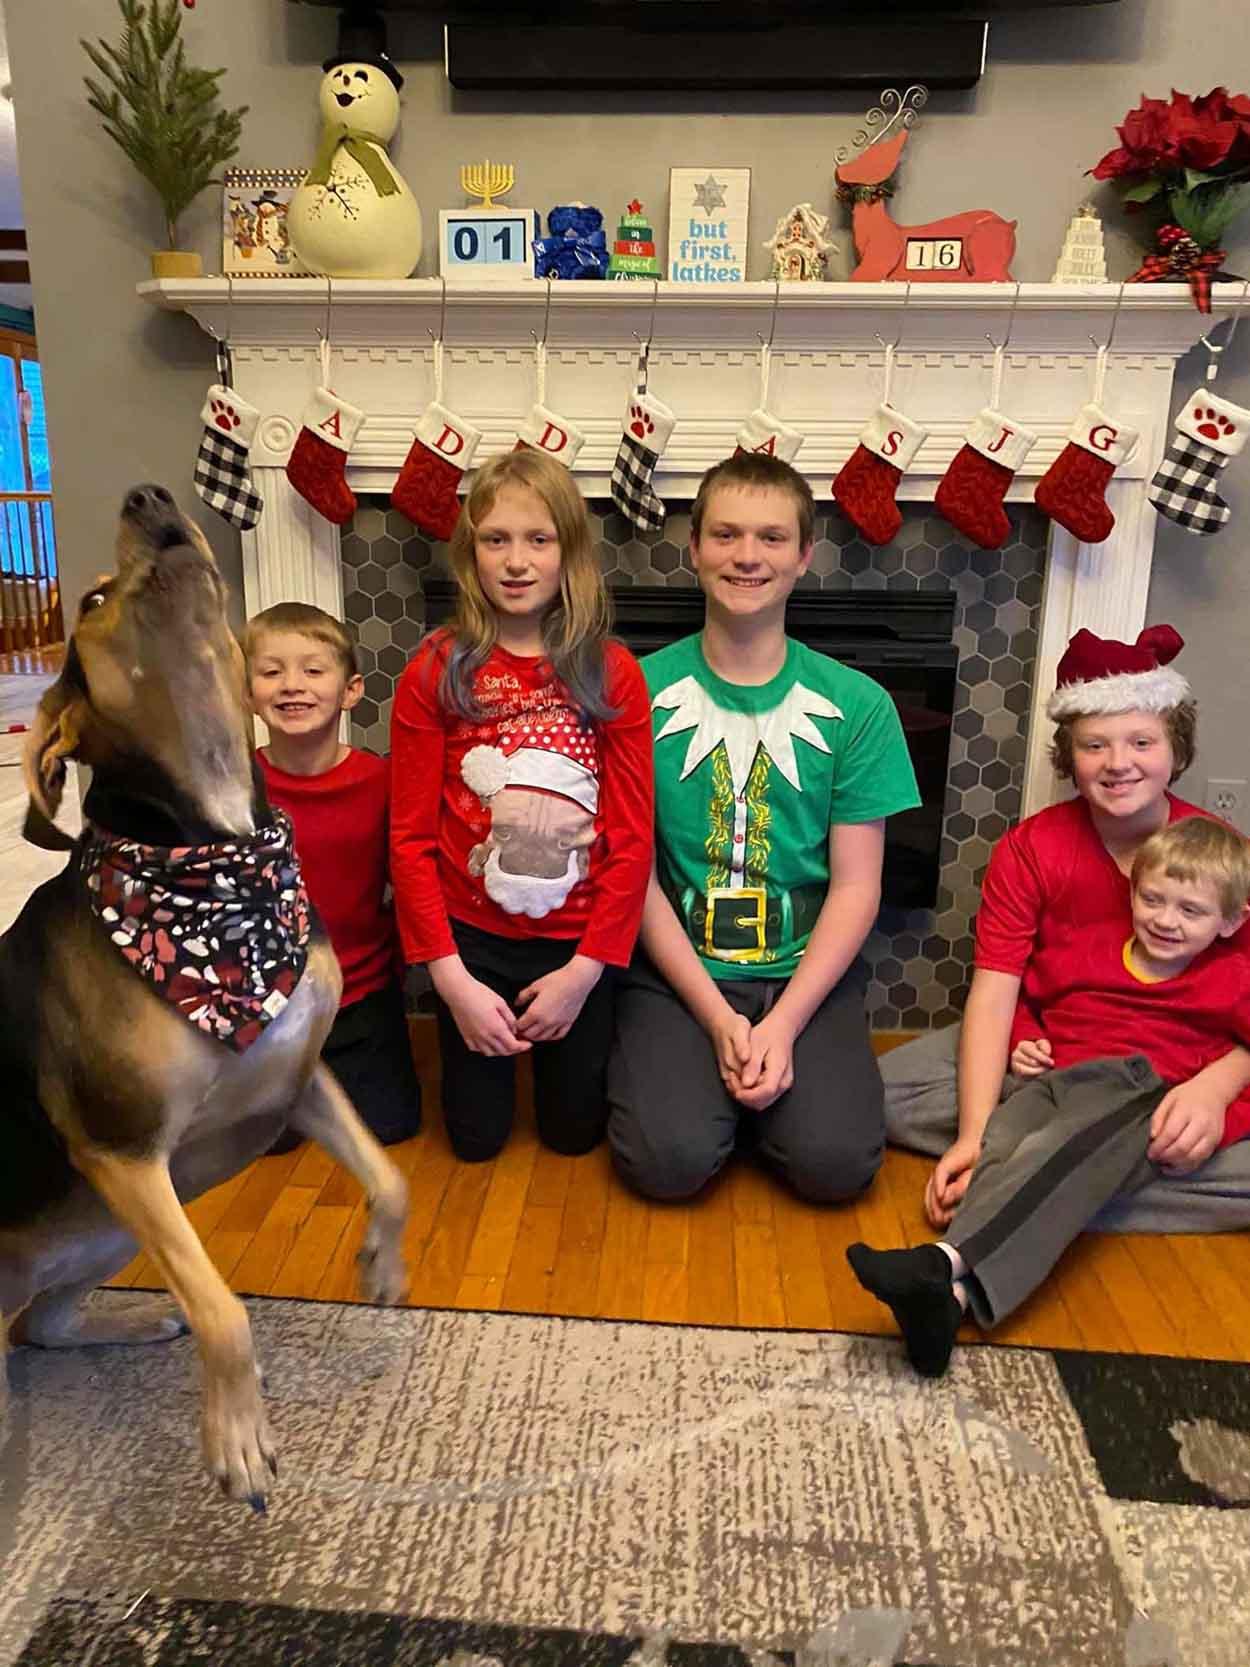 Perro salta cuando mamá toma forto para tarjeta de navidad